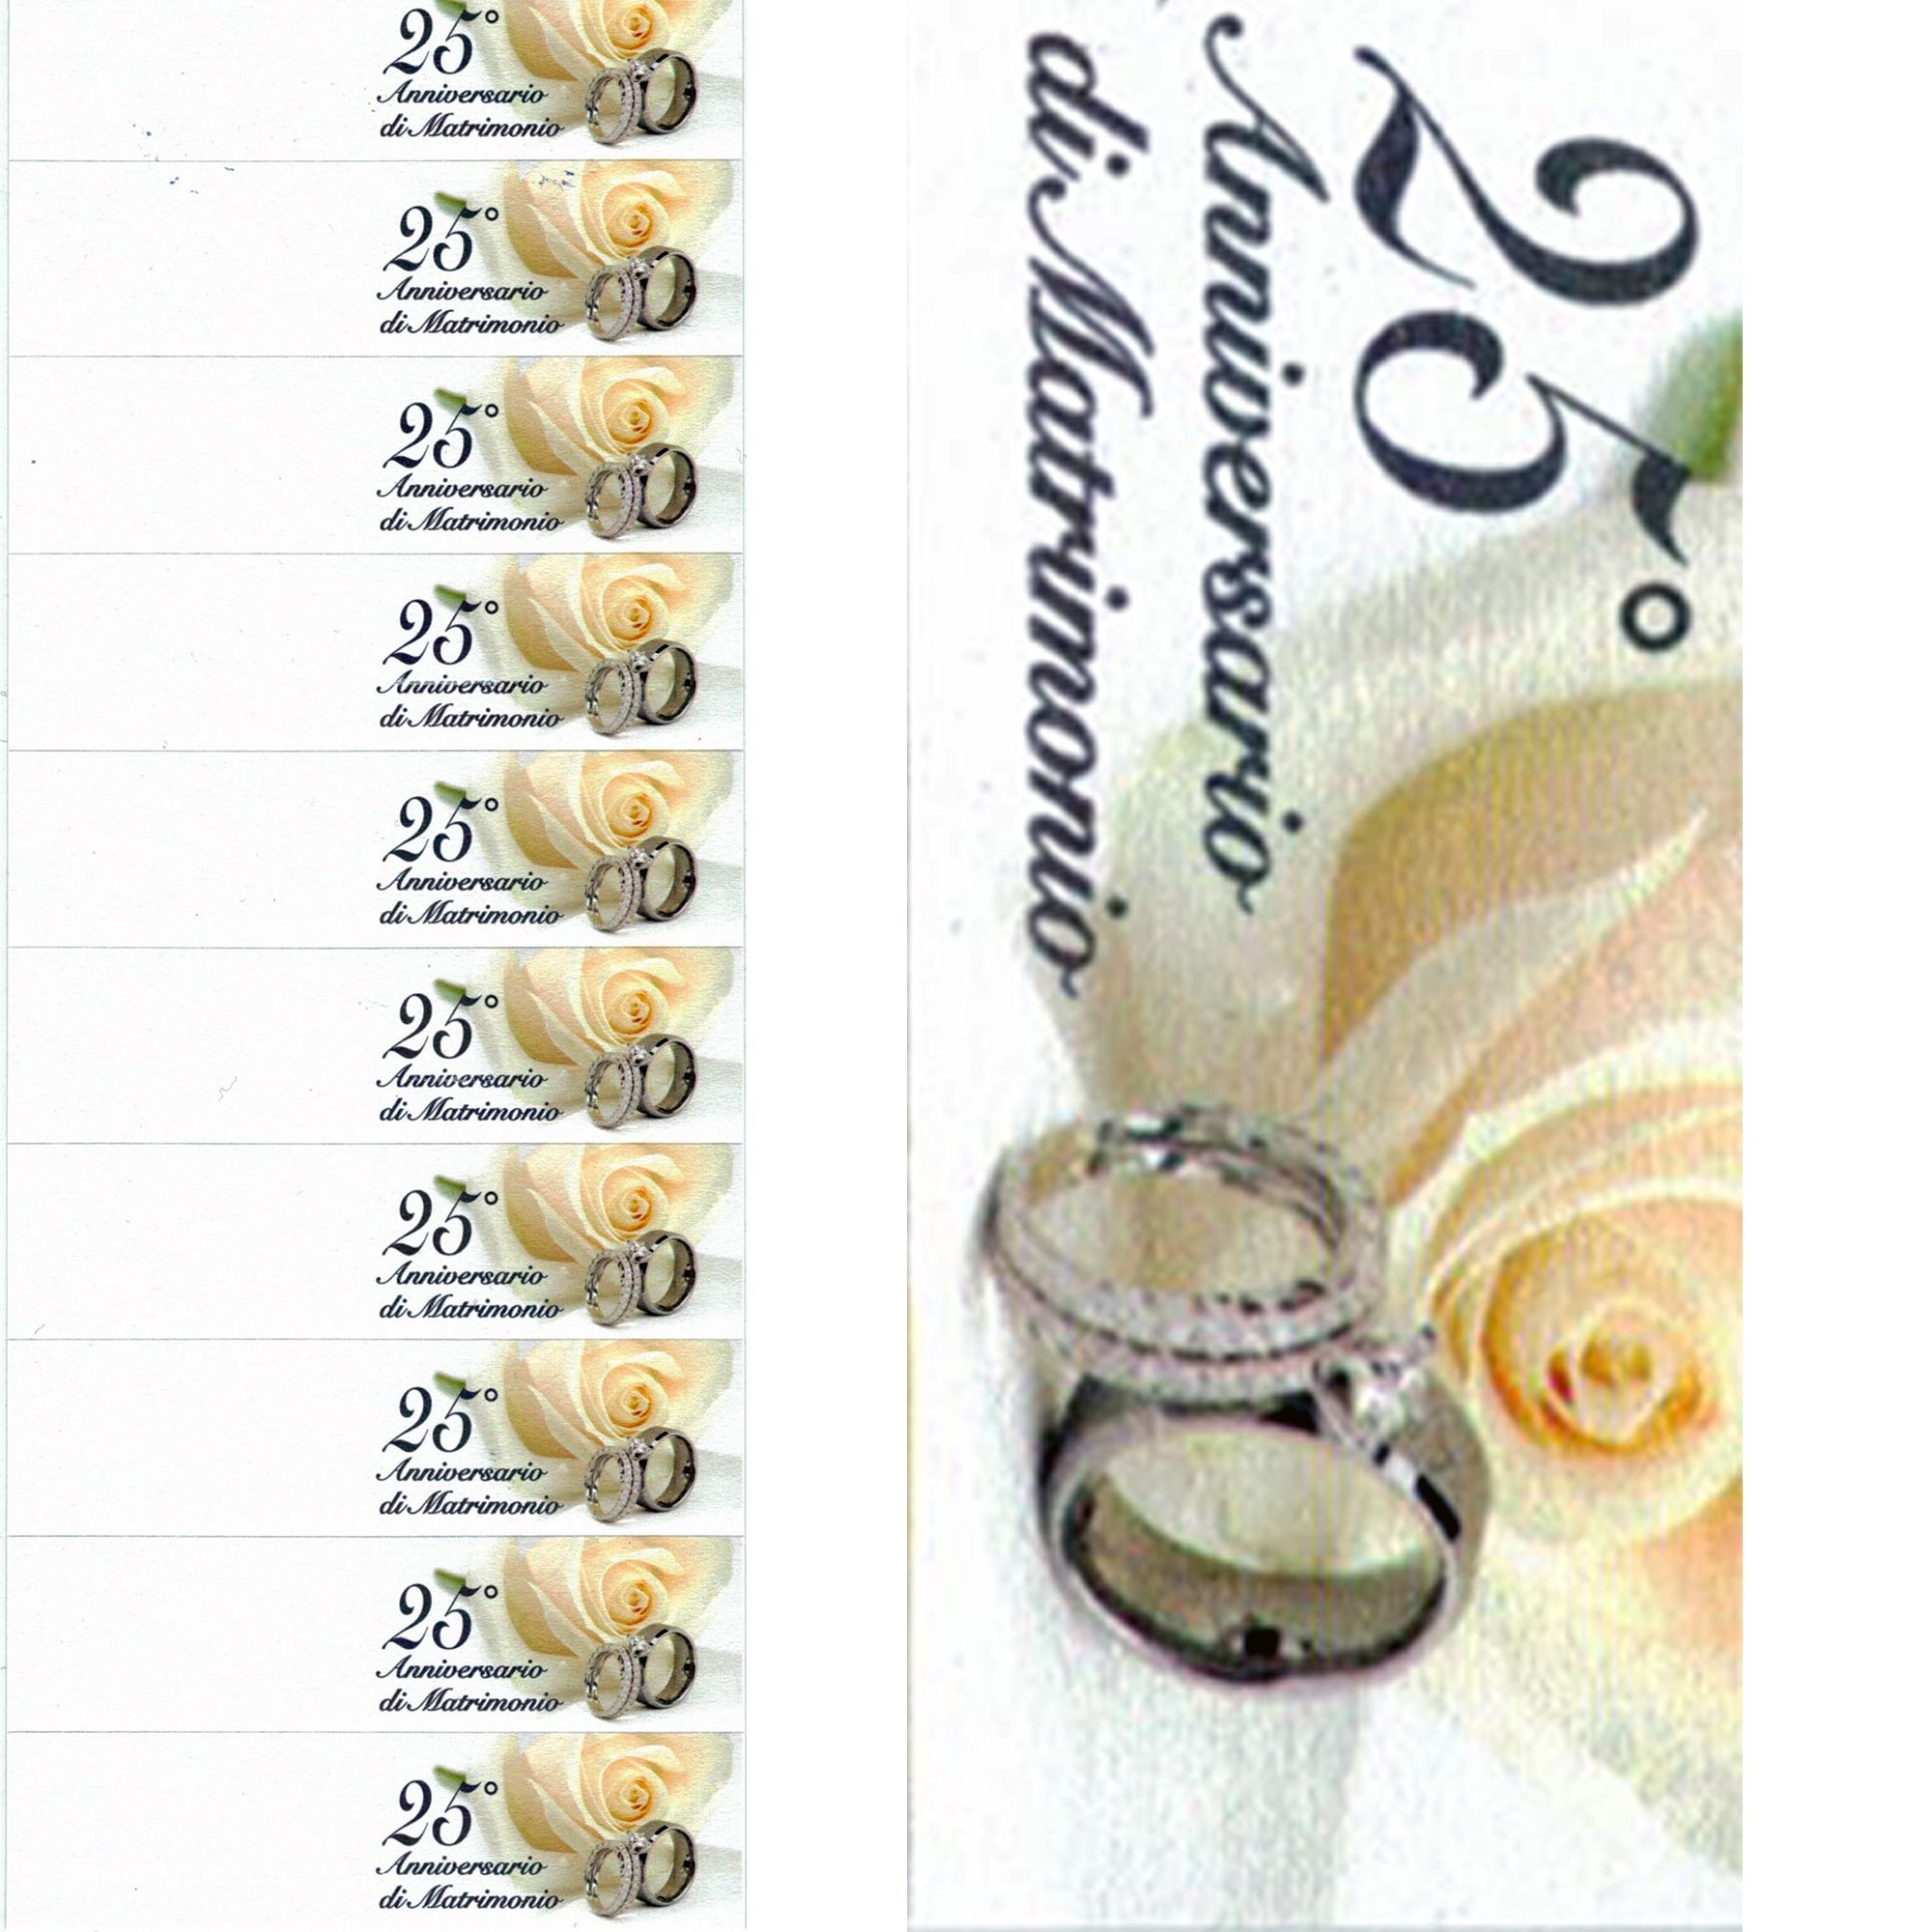 100 Bigliettini Bomboniere 25 Anniversario Matrimonio Nozze Stampabili Pretagliati Oro 2 80 Bomboniere Nozze Etichette Stampabili Gratuite